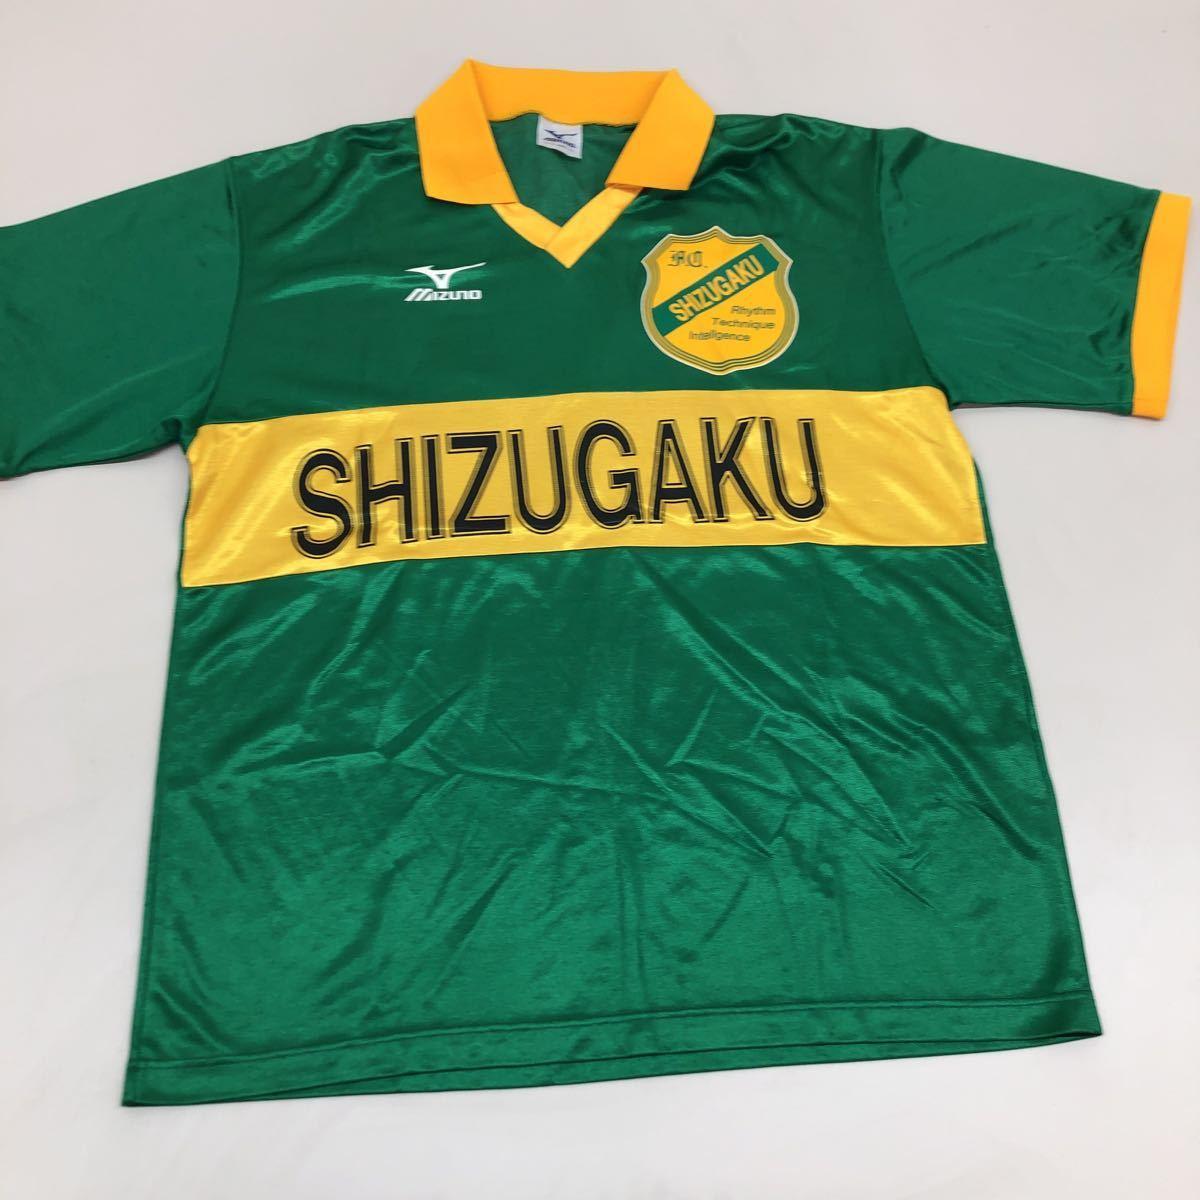 08★静岡学園 高校 サッカー部 選手支給品 ユニフォーム